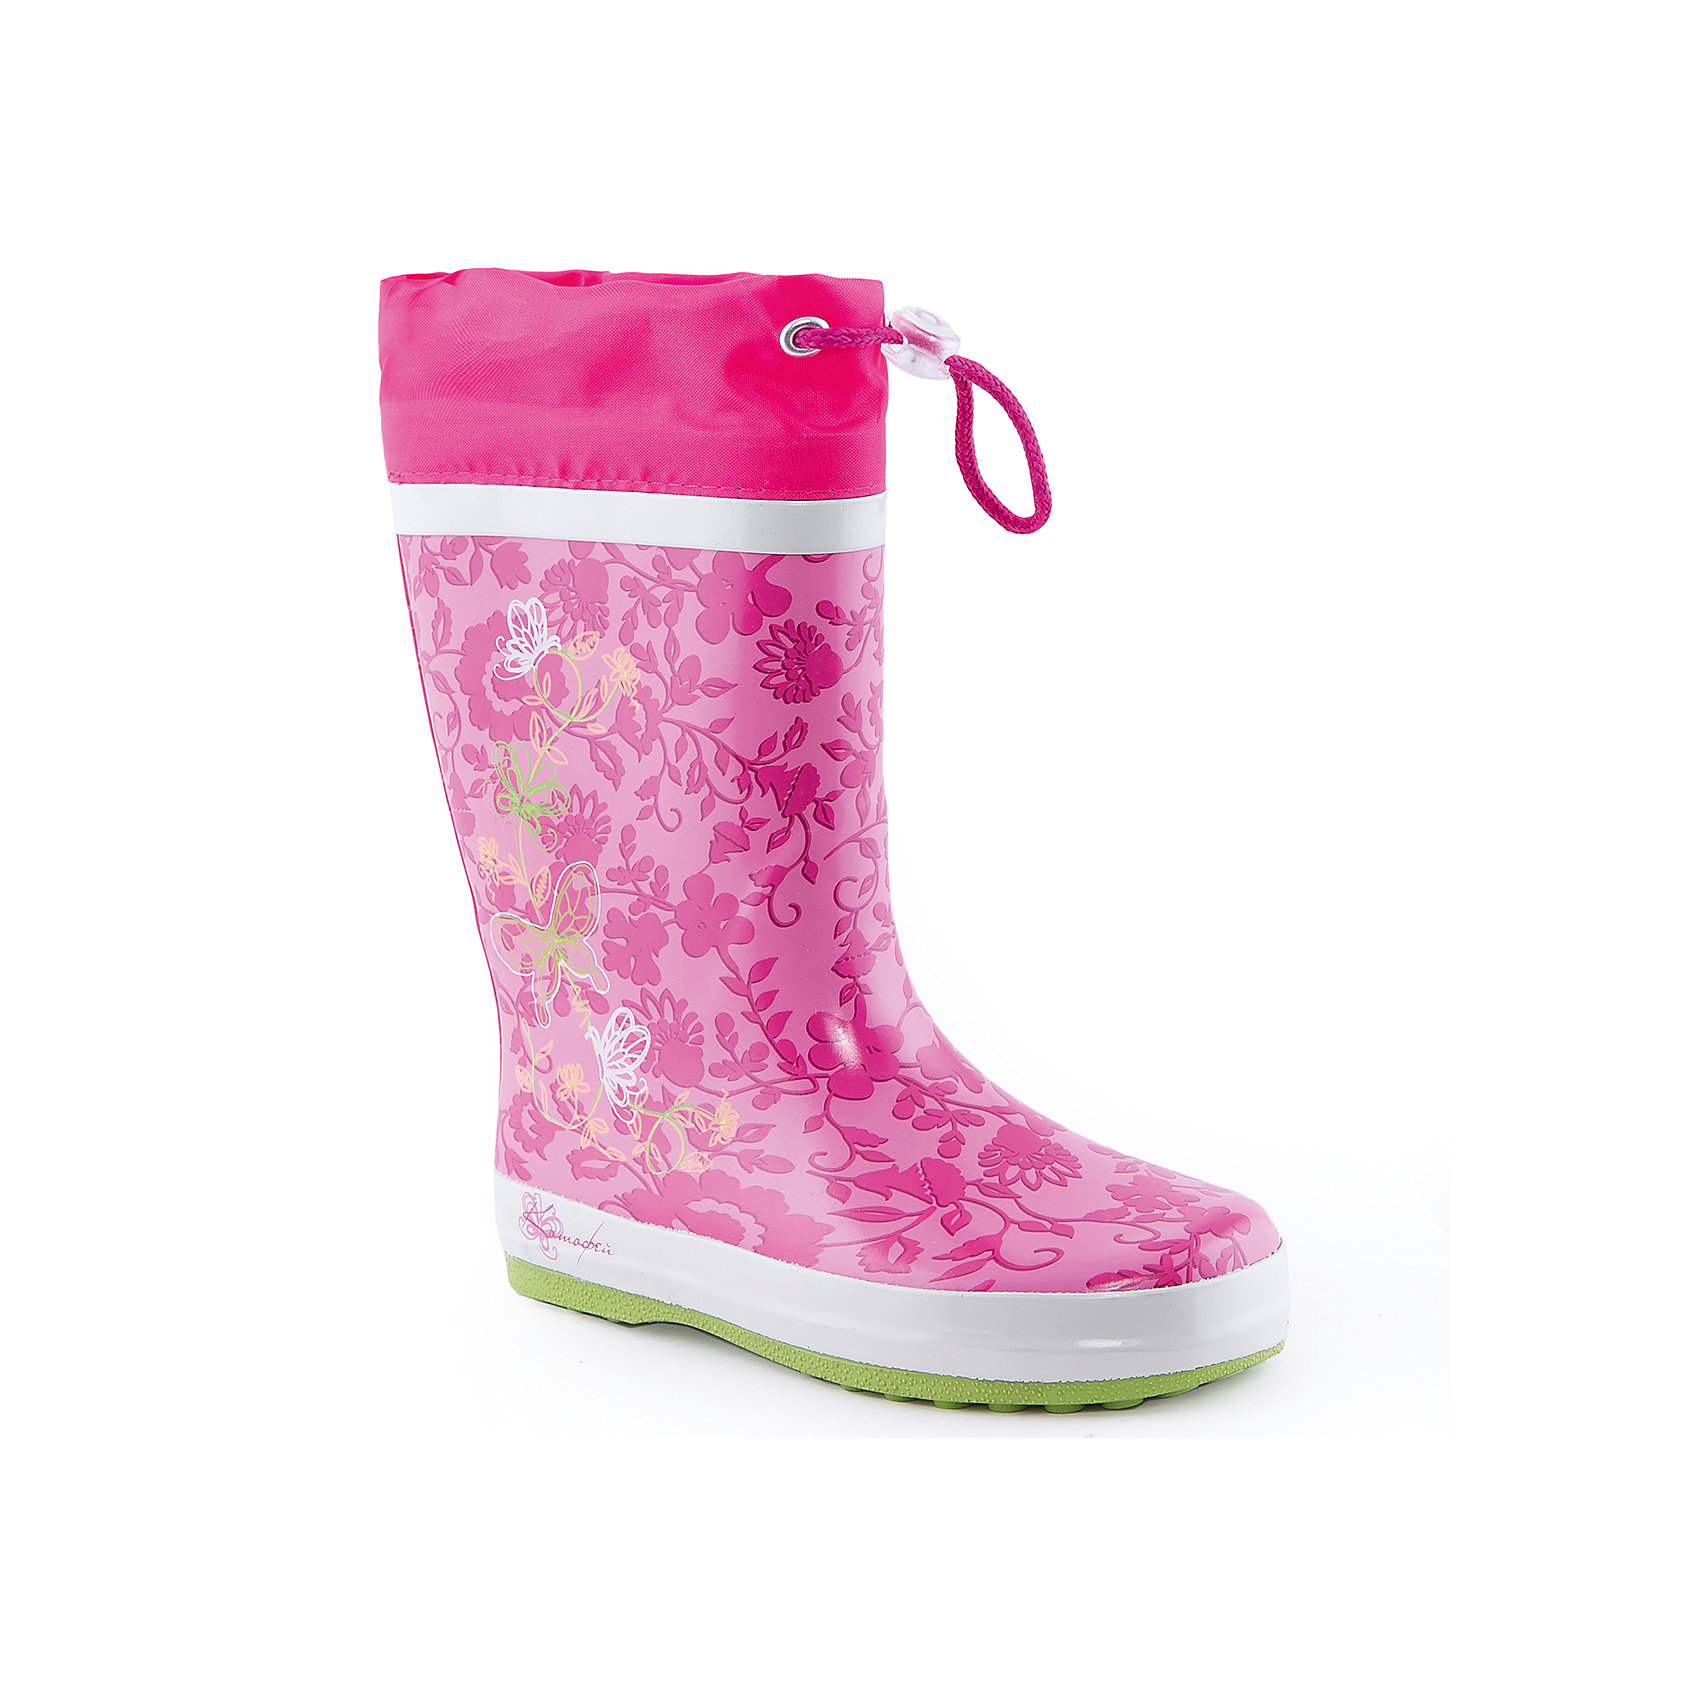 Резиновые сапожки для девочки КотофейСапожки для девочки от известного российского бренда Котофей <br><br>Яркие модные сапоги сделаны из качественной резины. Они позволят защитить ноги ребенка от сырости.<br>Высокое голенище с утяжкой защитит одежду от грязи и влаги.<br><br>Отличительные особенности модели:<br><br>- цвет: розовый;<br>- удобная колодка;<br>- утяжка со стоппером на голенище;<br>- качественные материалы;<br>- толстая устойчивая подошва;<br>- сделаны с помощью горячей вулканизации;<br>- текстильная подкладка;<br>- декорированы принтом.<br><br>Дополнительная информация:<br><br>Температурный режим: от +5° С до +25° С.<br><br>Состав:<br>верх - резина;<br>подкладка - текстиль;<br>подошва - резина.<br><br>Сапожки для девочки Котофей можно купить в нашем магазине.<br><br>Ширина мм: 257<br>Глубина мм: 180<br>Высота мм: 130<br>Вес г: 420<br>Цвет: розовый<br>Возраст от месяцев: 72<br>Возраст до месяцев: 84<br>Пол: Женский<br>Возраст: Детский<br>Размер: 30,31,35,33,34,32<br>SKU: 4565913